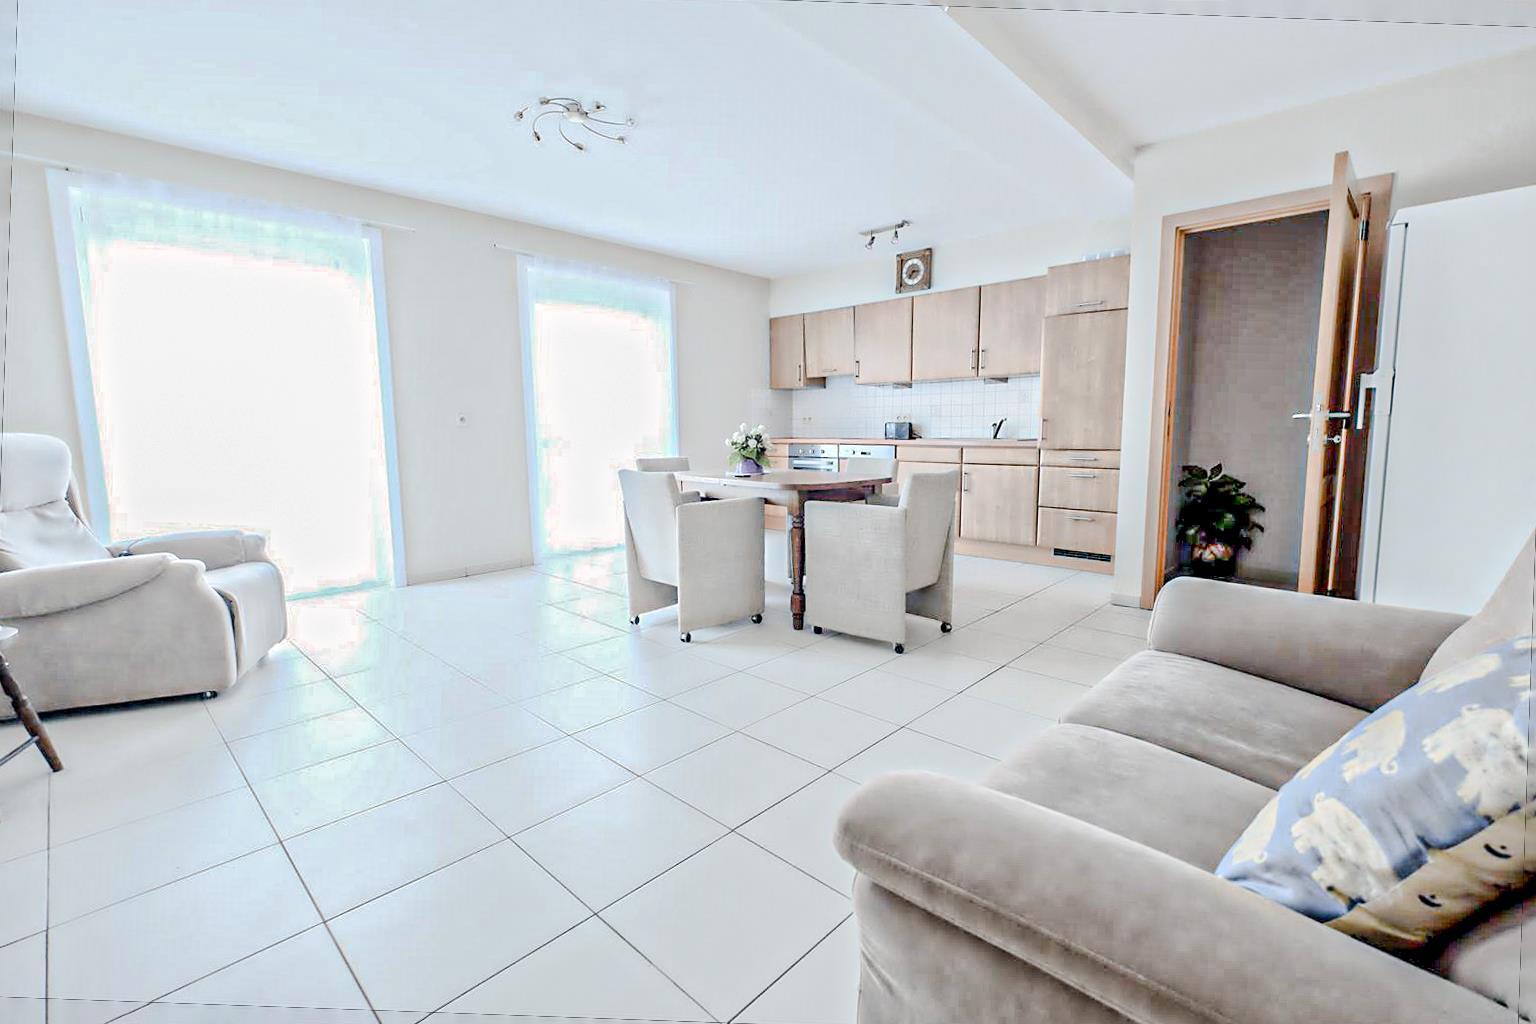 Appartement - Braine-le-Comte - #4422565-1